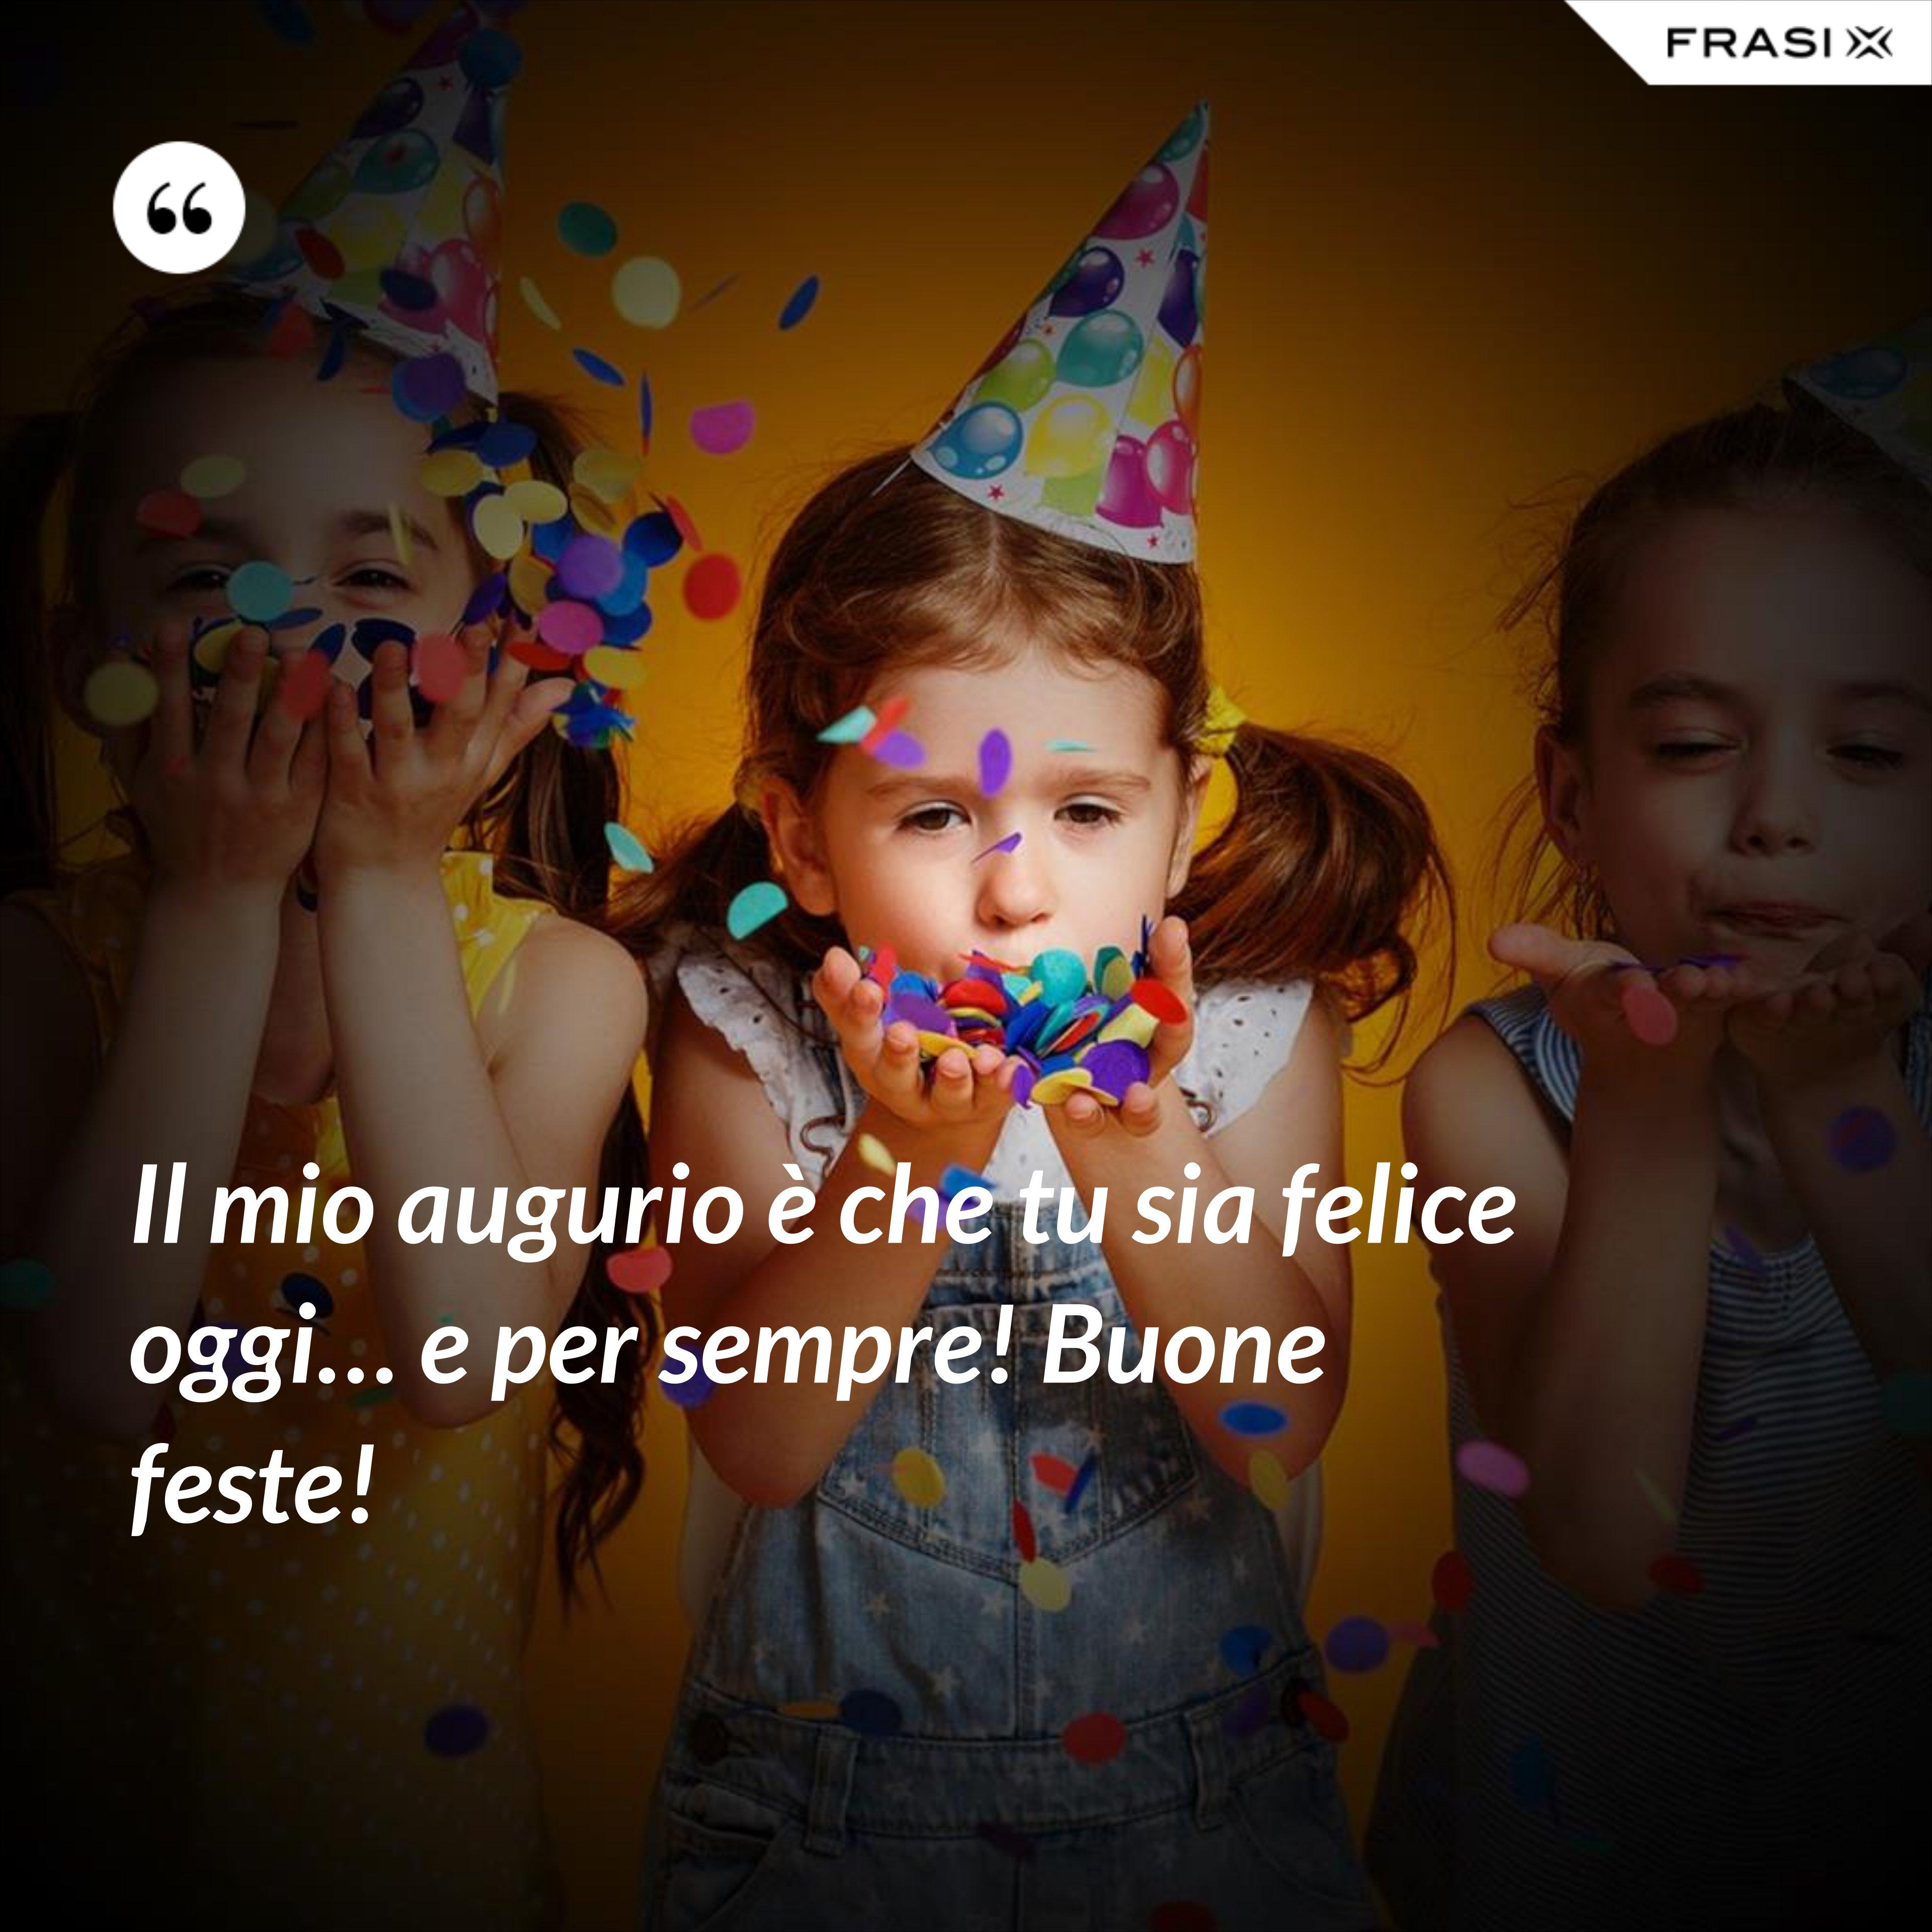 Il mio augurio è che tu sia felice oggi… e per sempre! Buone feste! - Anonimo